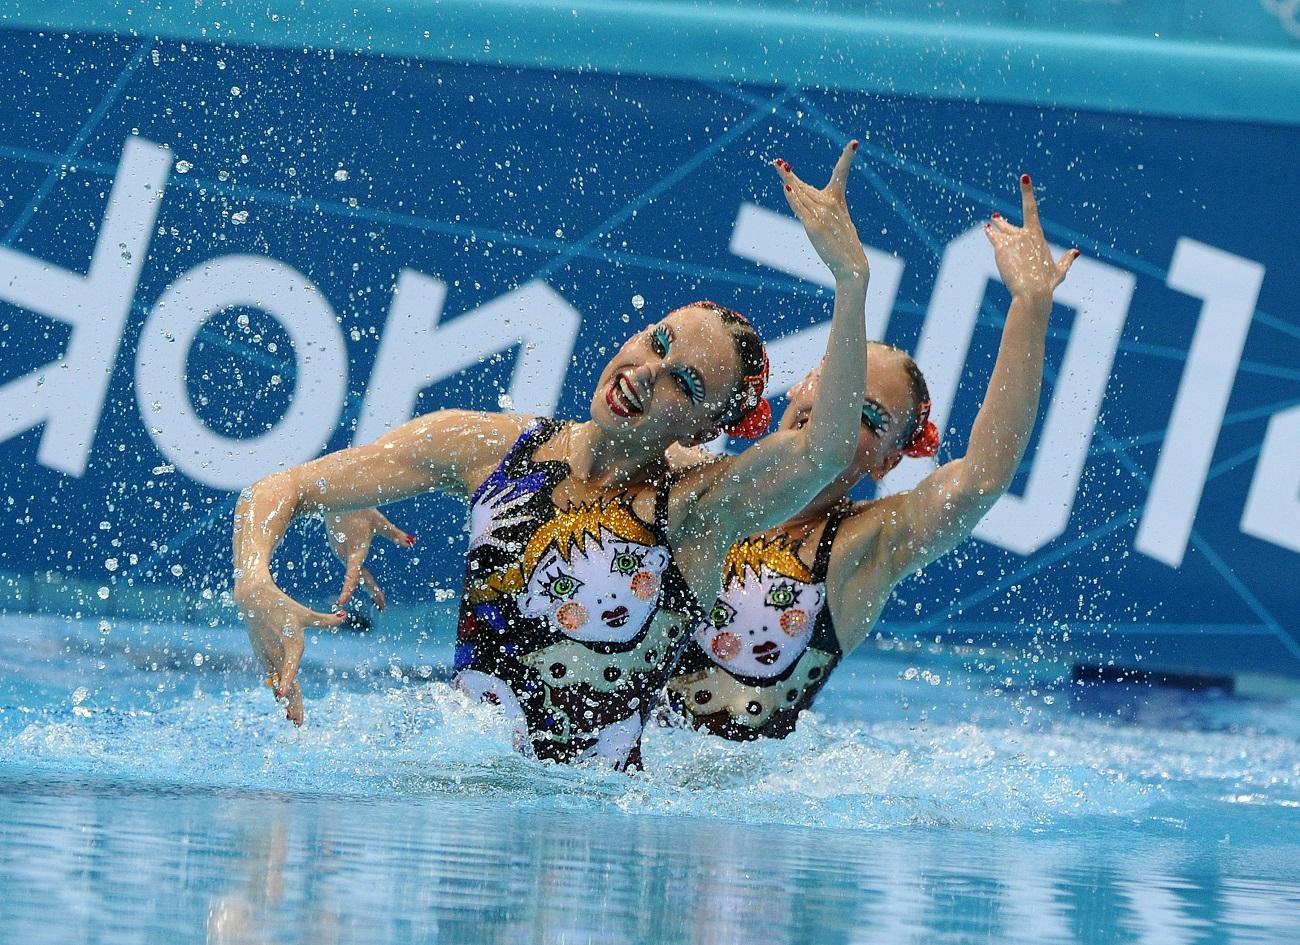 Nel 2013 Natalia Ischenko si è presa una pausa per il congedo di maternità ed è tornata a gareggiare l'anno successivo. Nel 2015 ha vinto l'oro nei Mondiali di nuoto sincronizzato a Kazan